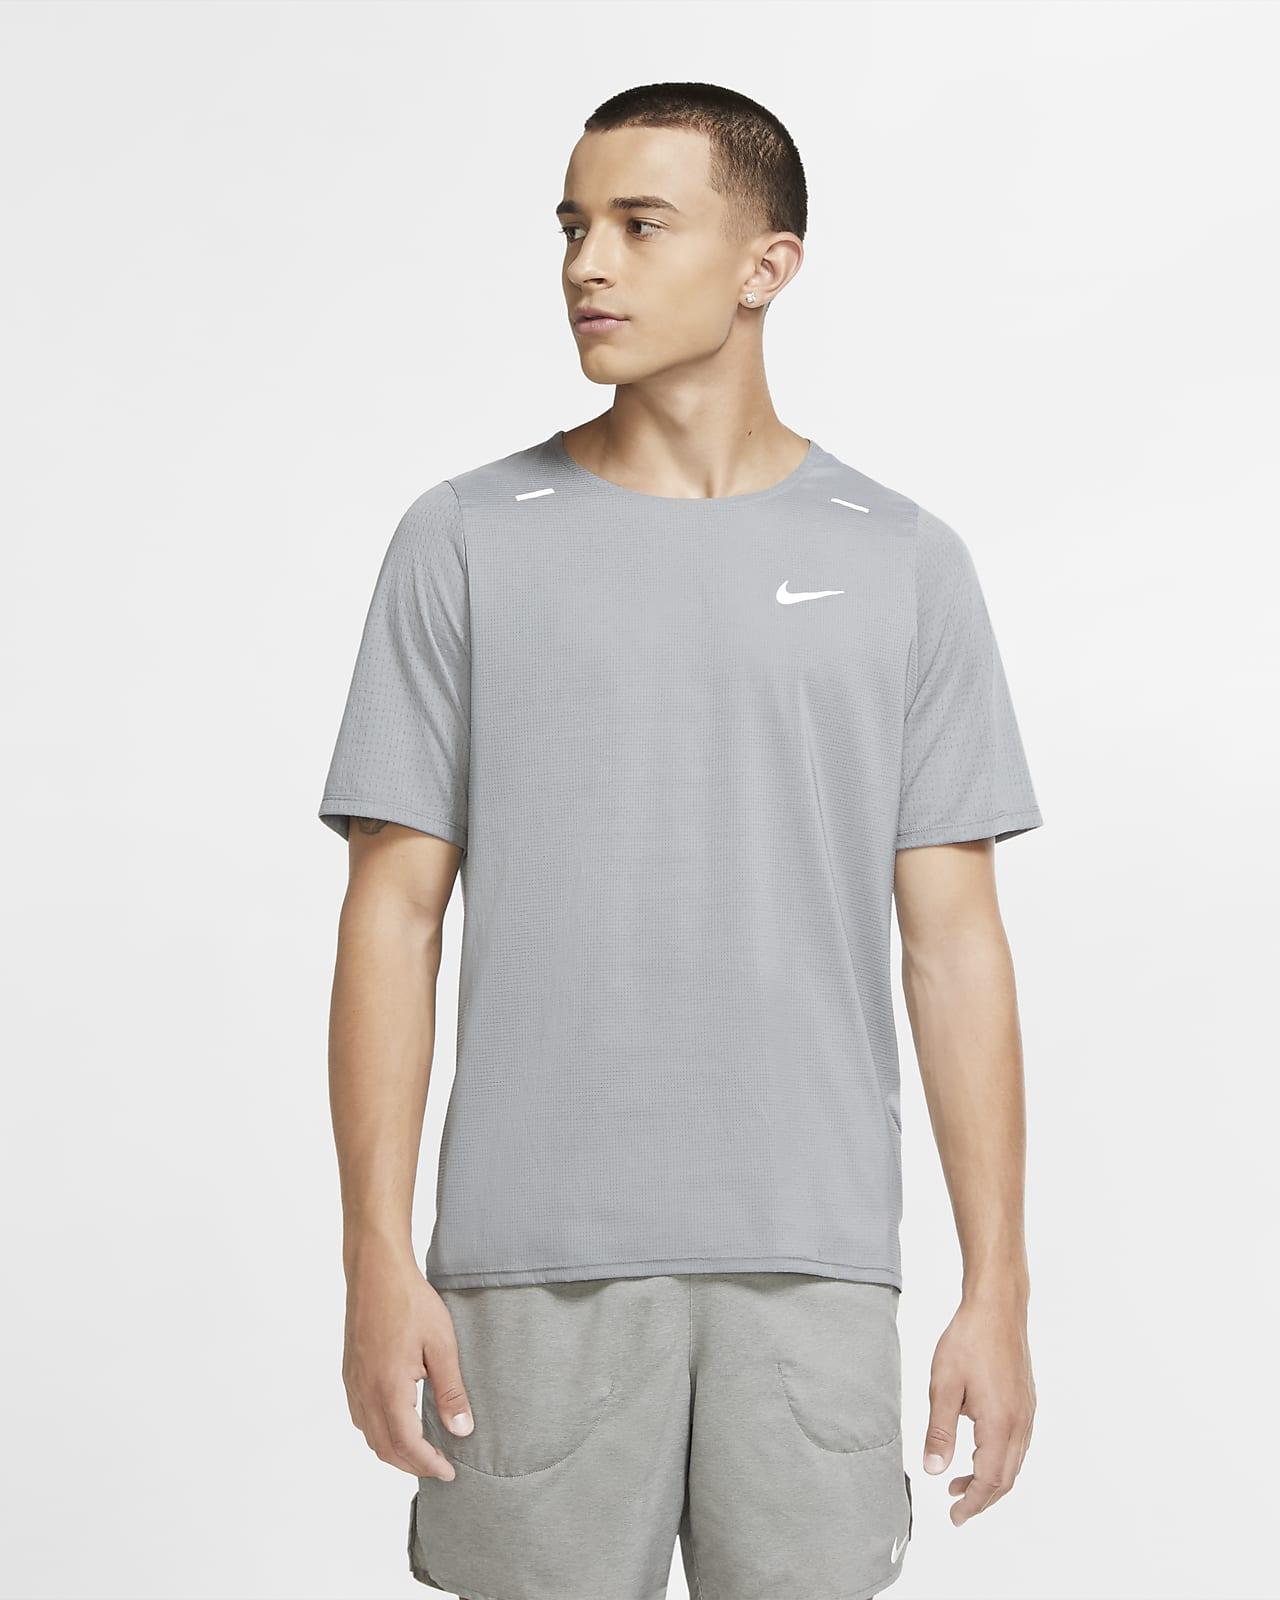 Nike Breathe Rise 365 Men's Hybrid